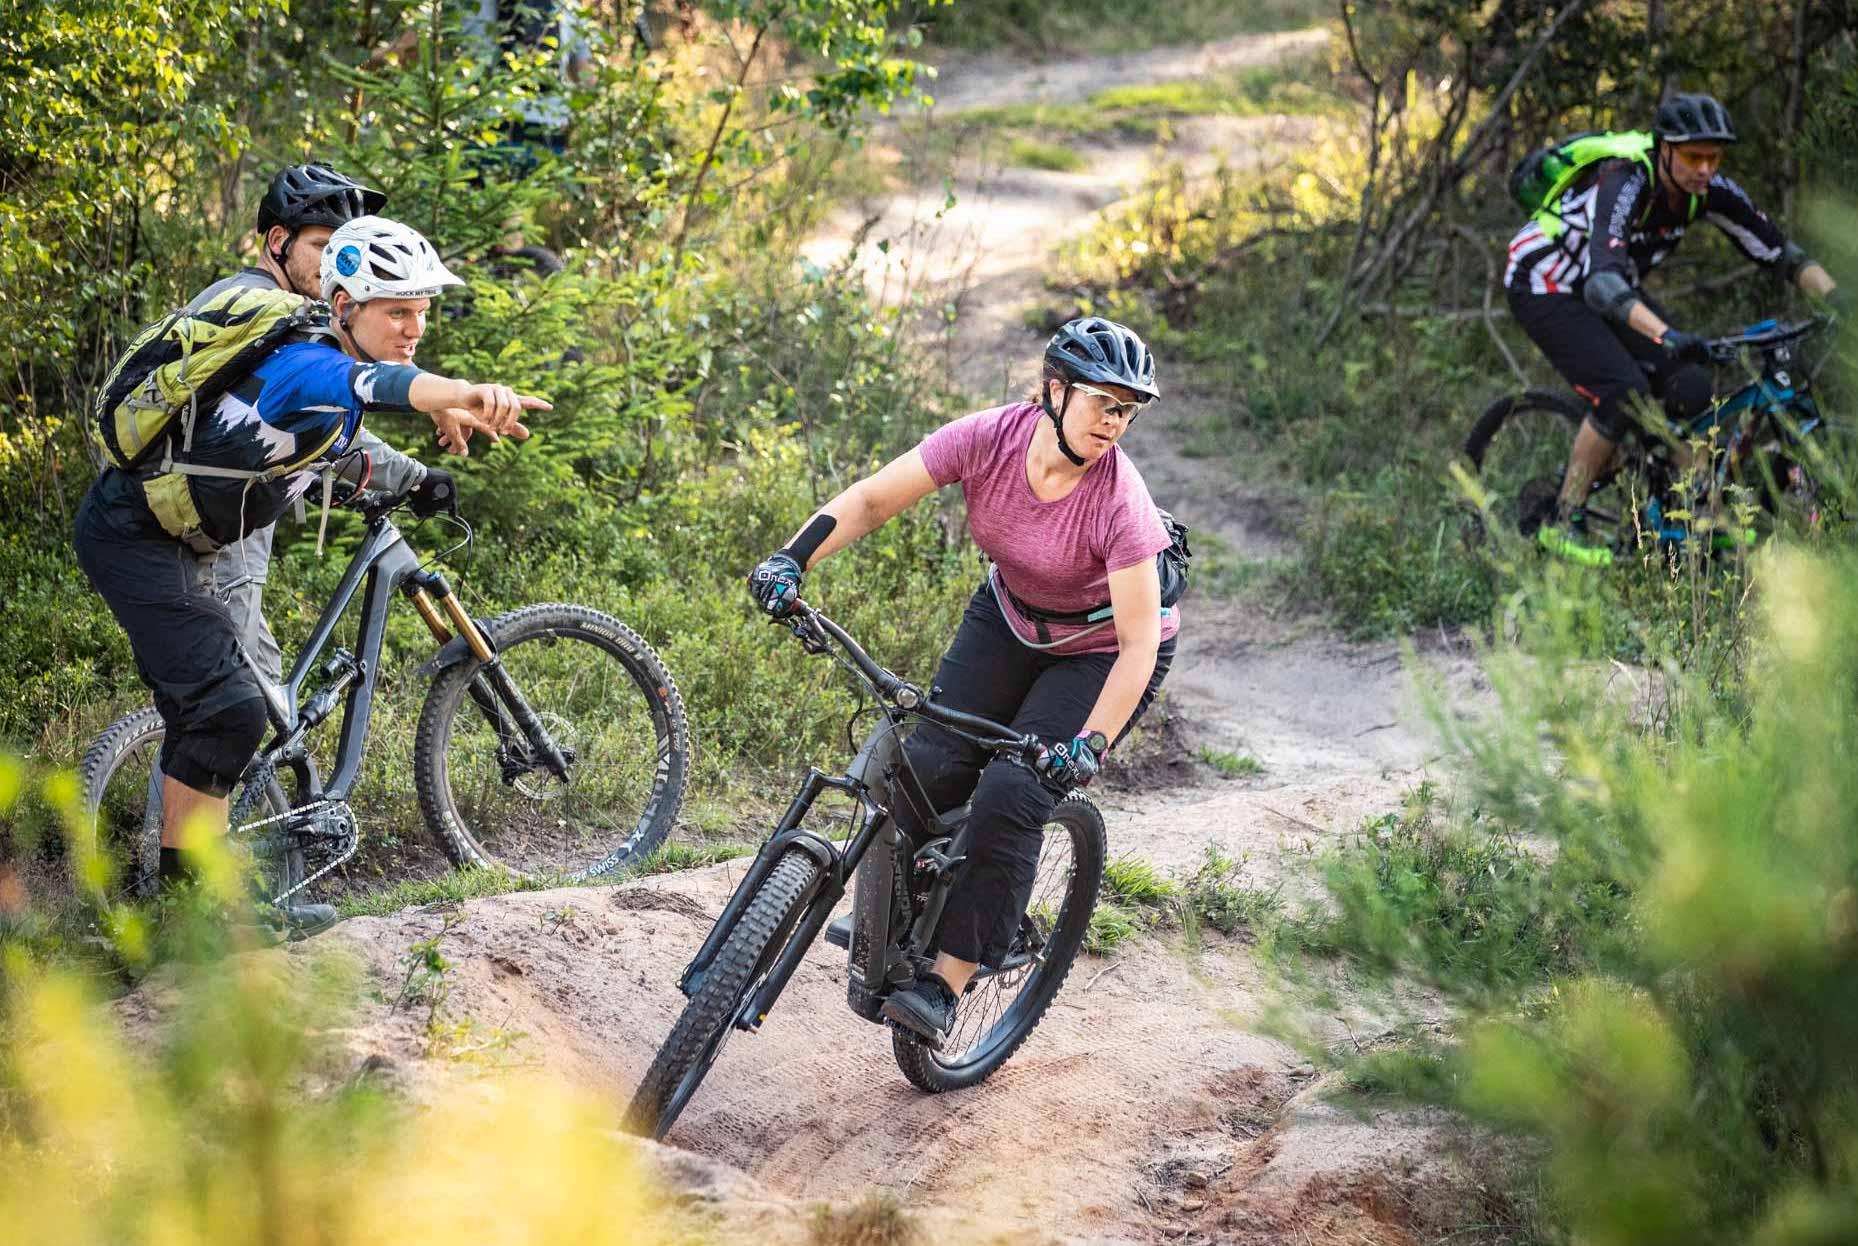 eMTB Fortgeschritten Fahrtechnik Kurs Solingen - Mountainbike Training - Rock my Trail